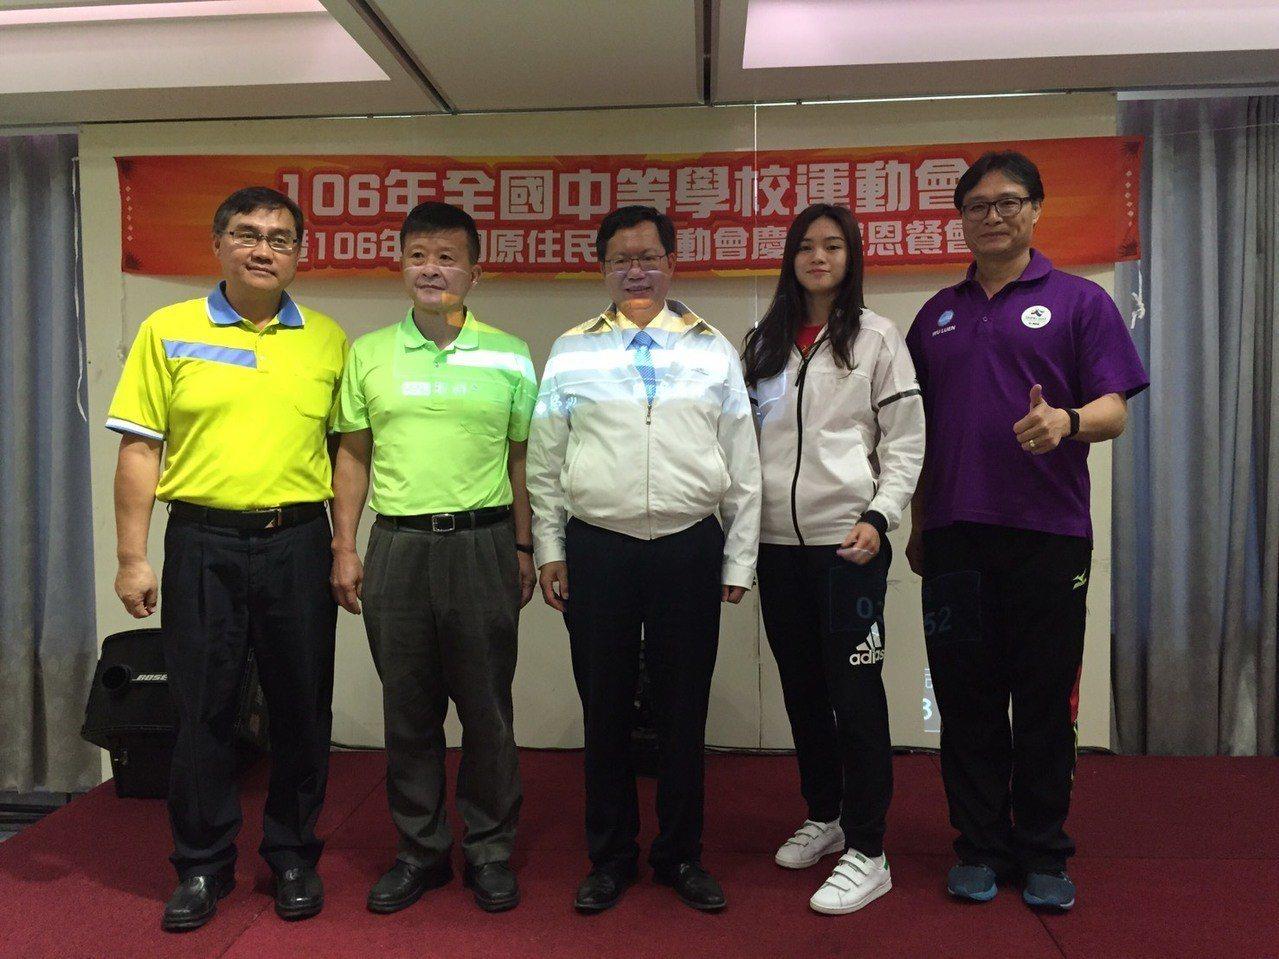 蘇柏亞(右2)曾接受桃園市長鄭文燦表揚。圖/蘇俊維提供